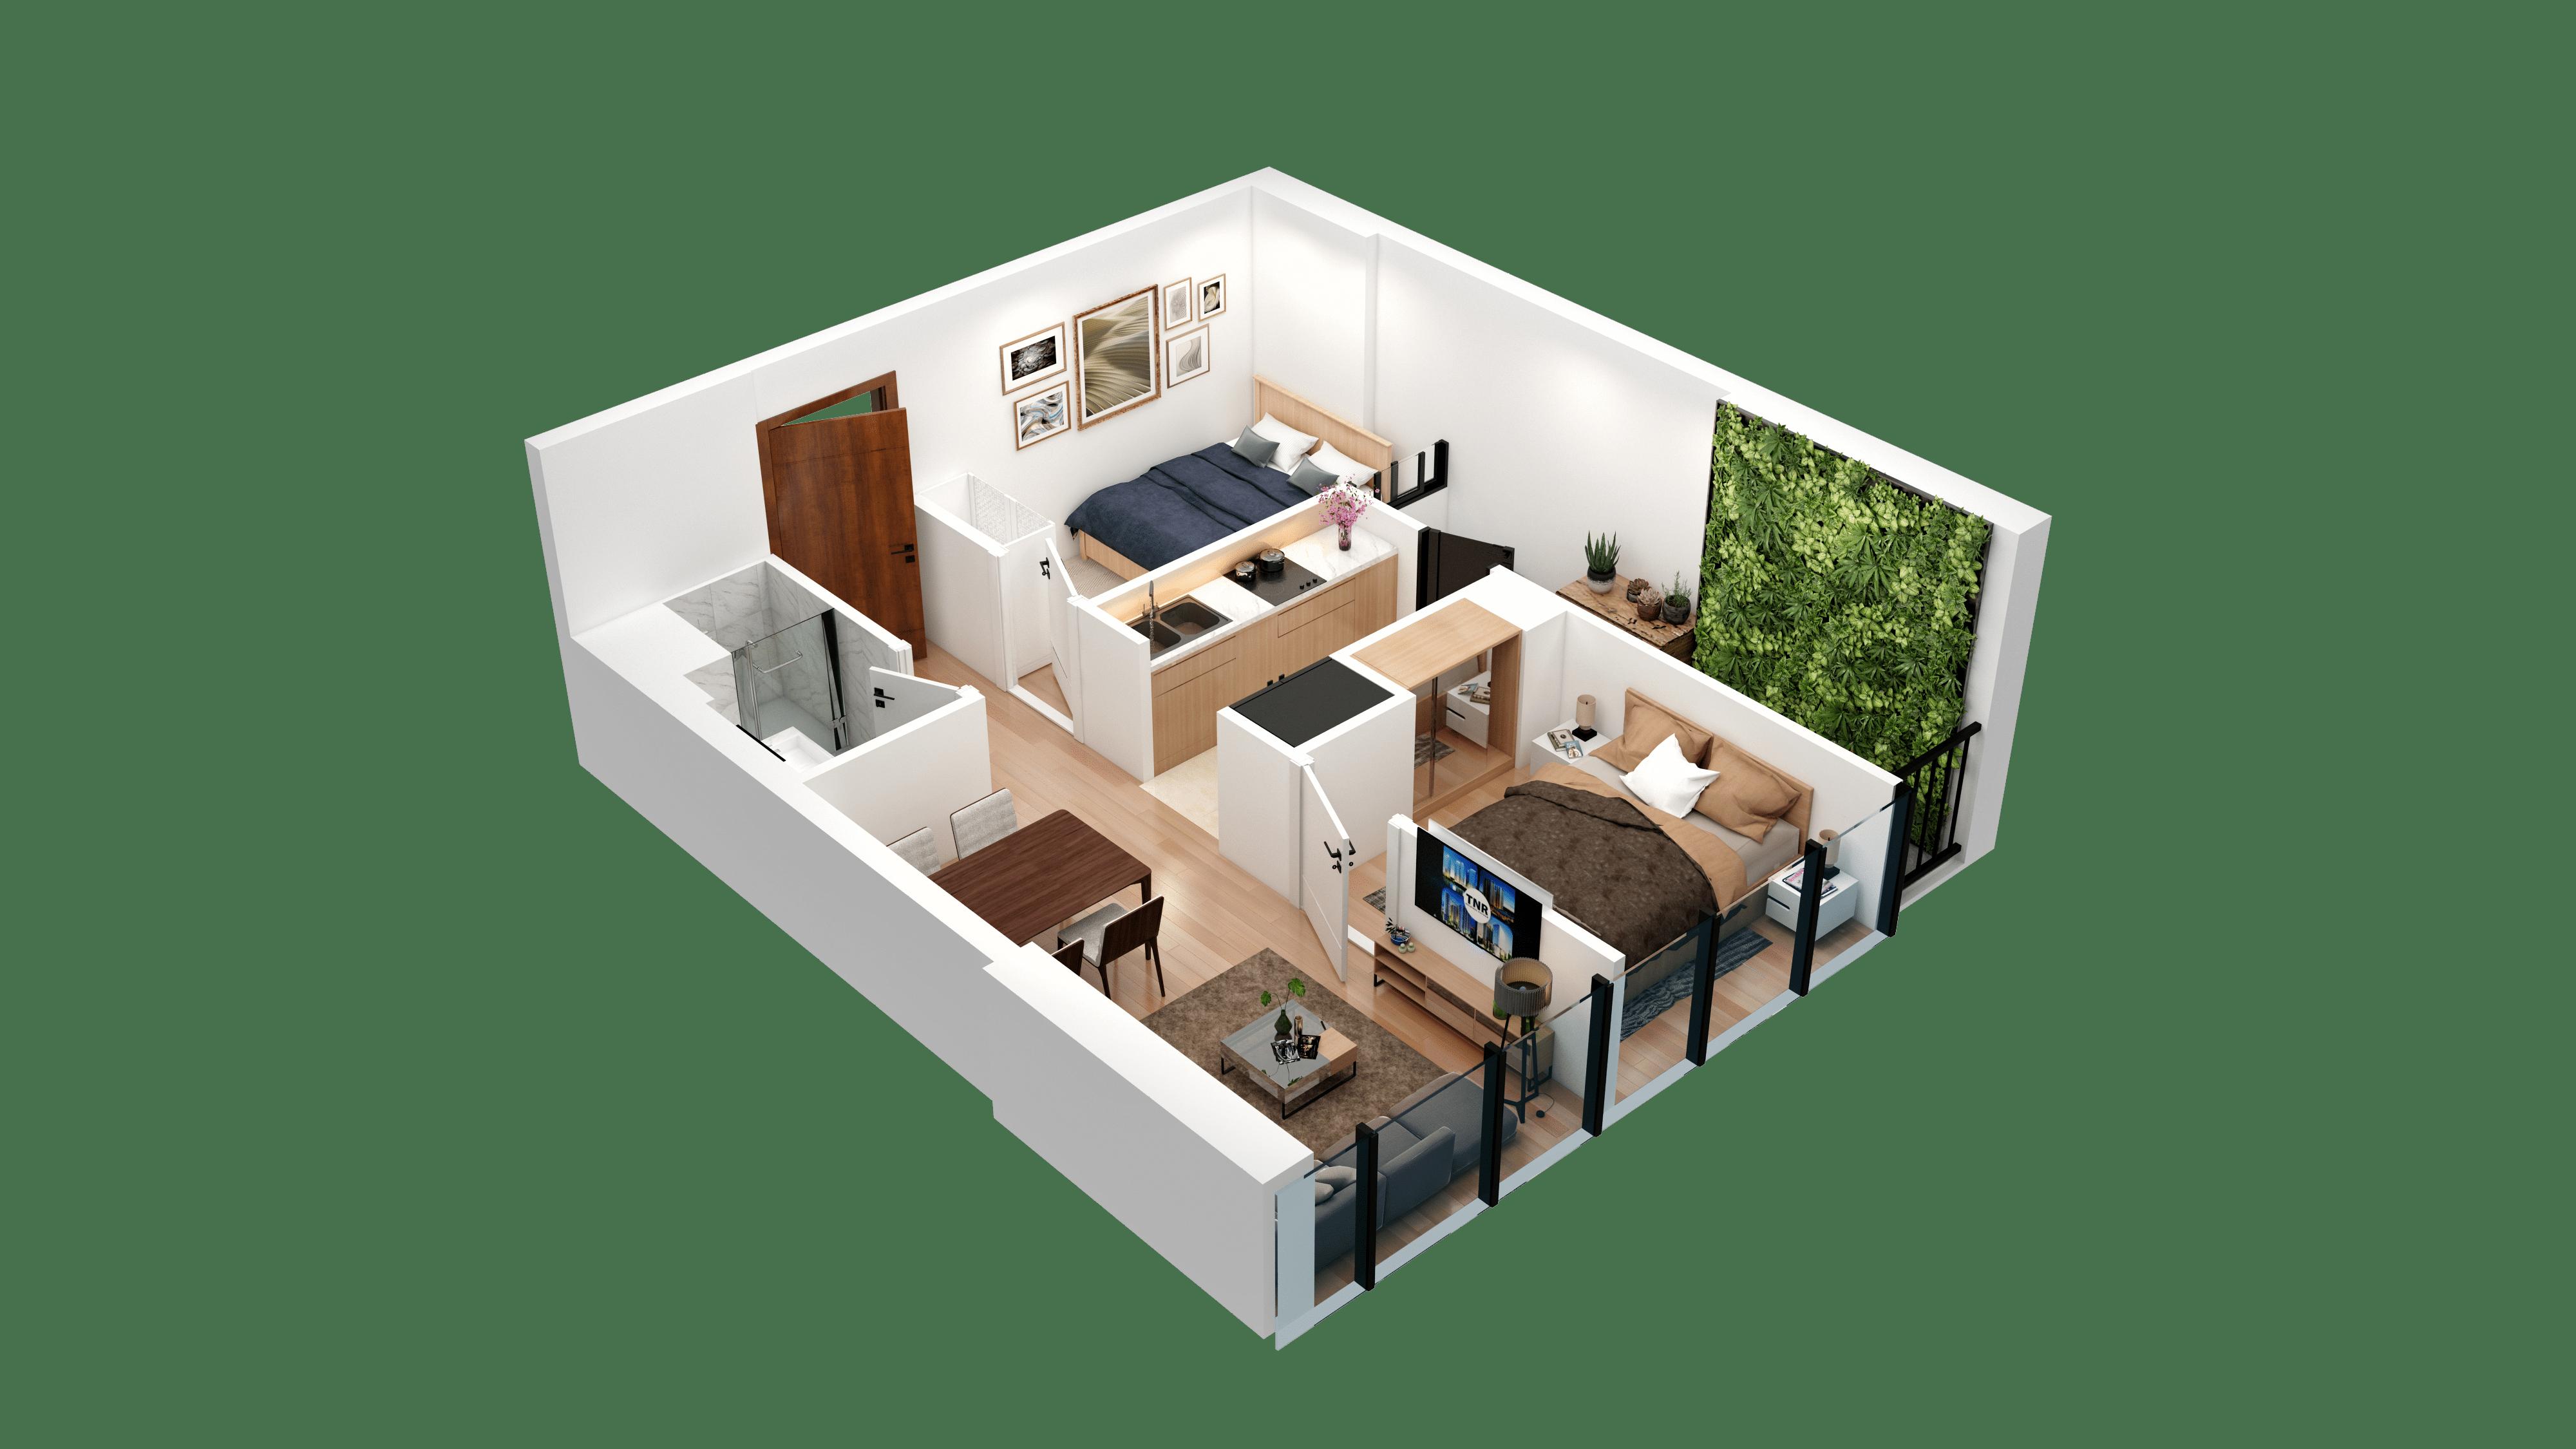 Thiết kế căn hộ 04 chung cư tnr the nosta